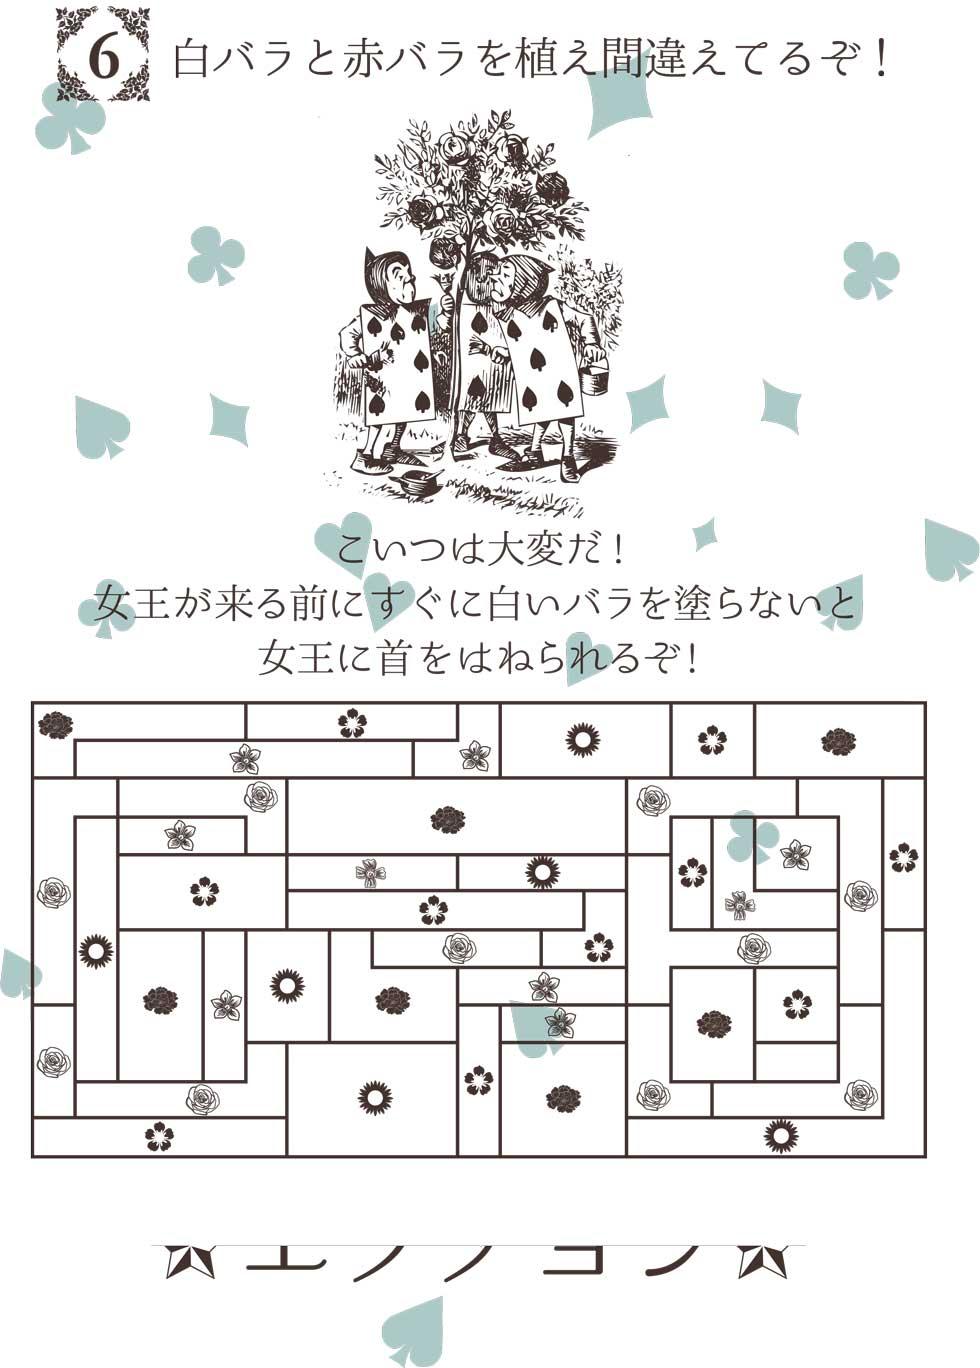 謎解きアリスコン問題2